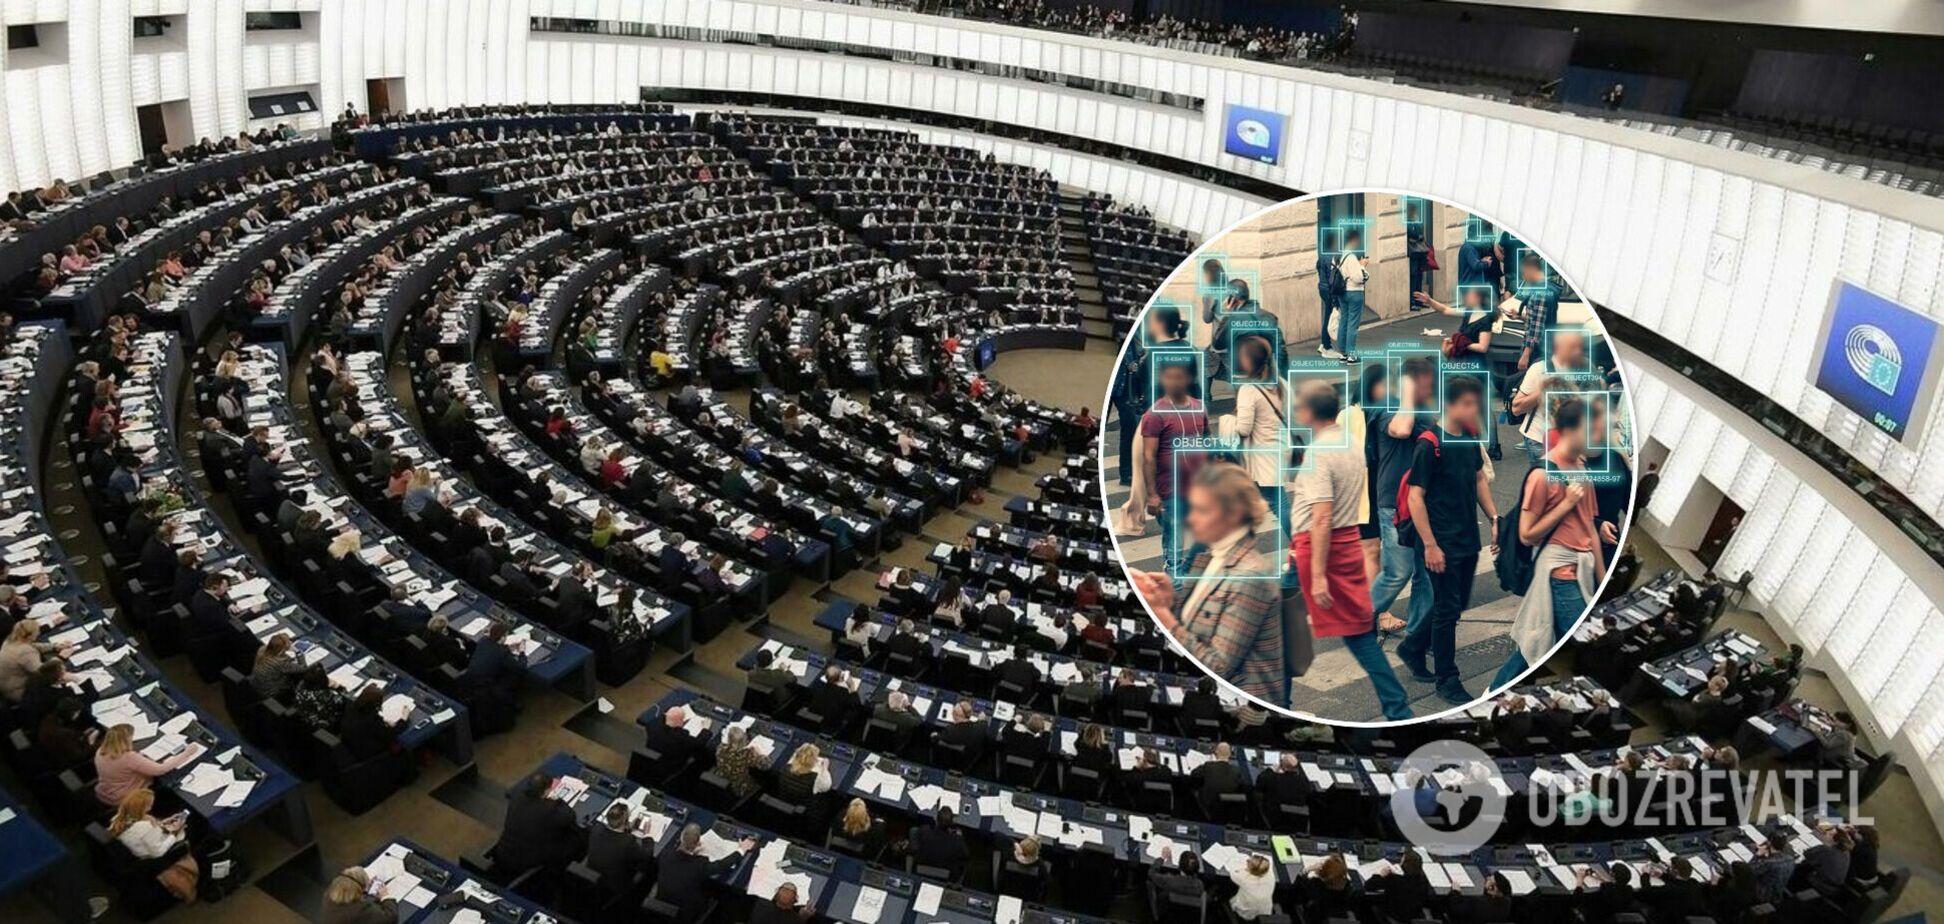 Європарламент виступив проти систем масового розпізнавання облич